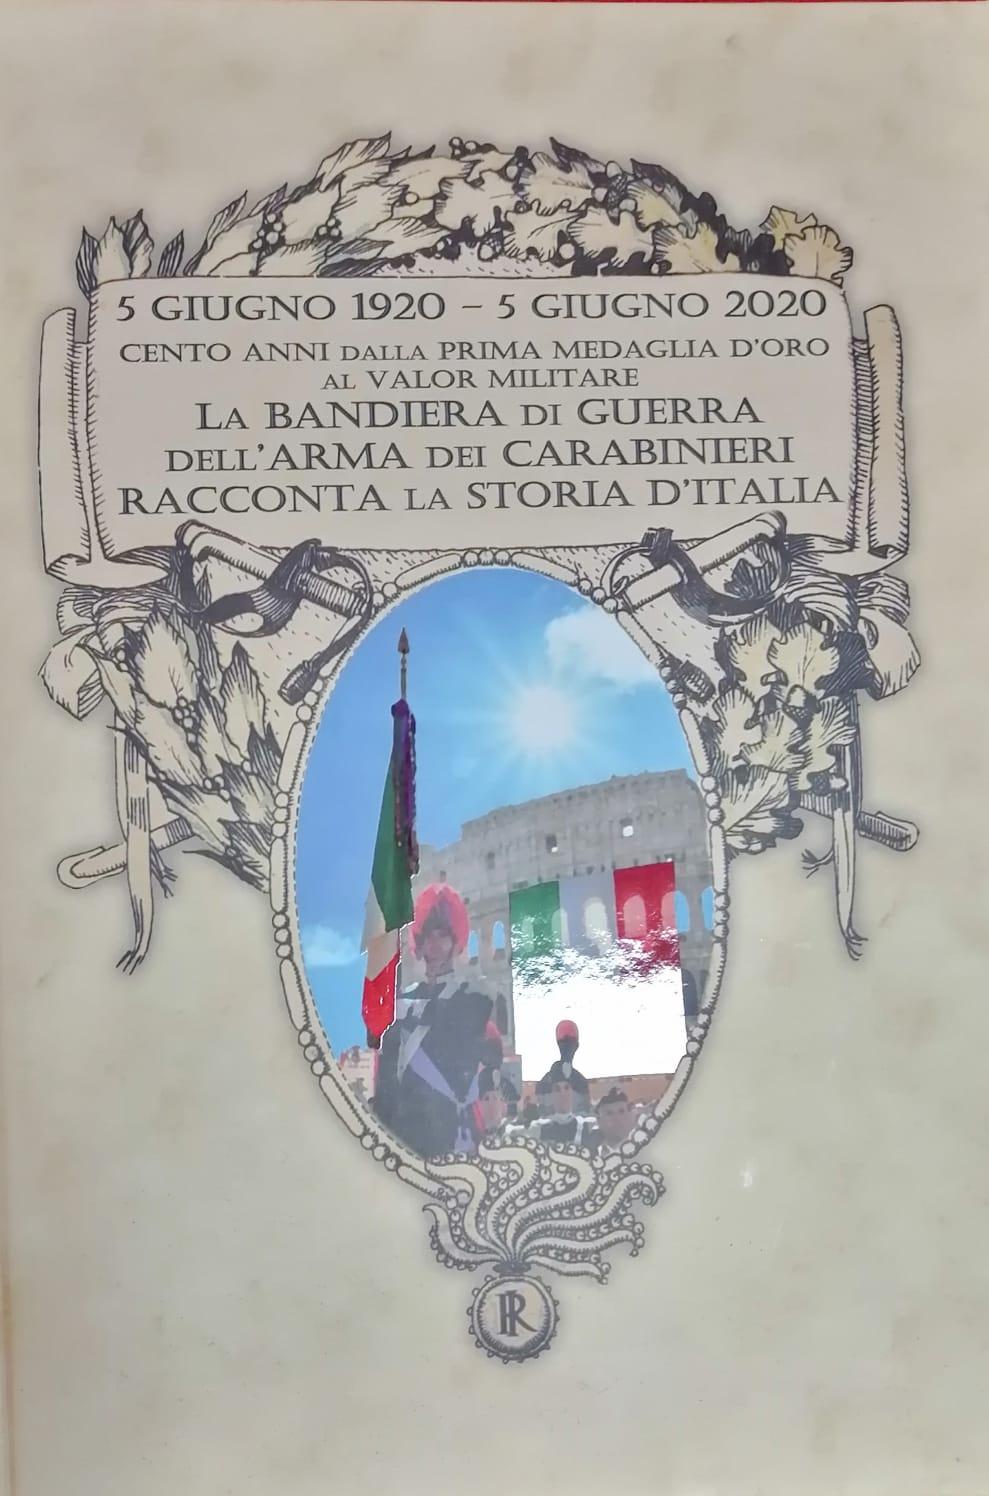 206 Annuale di Fondazione dellArma. Un anno denso di ricorrenze.